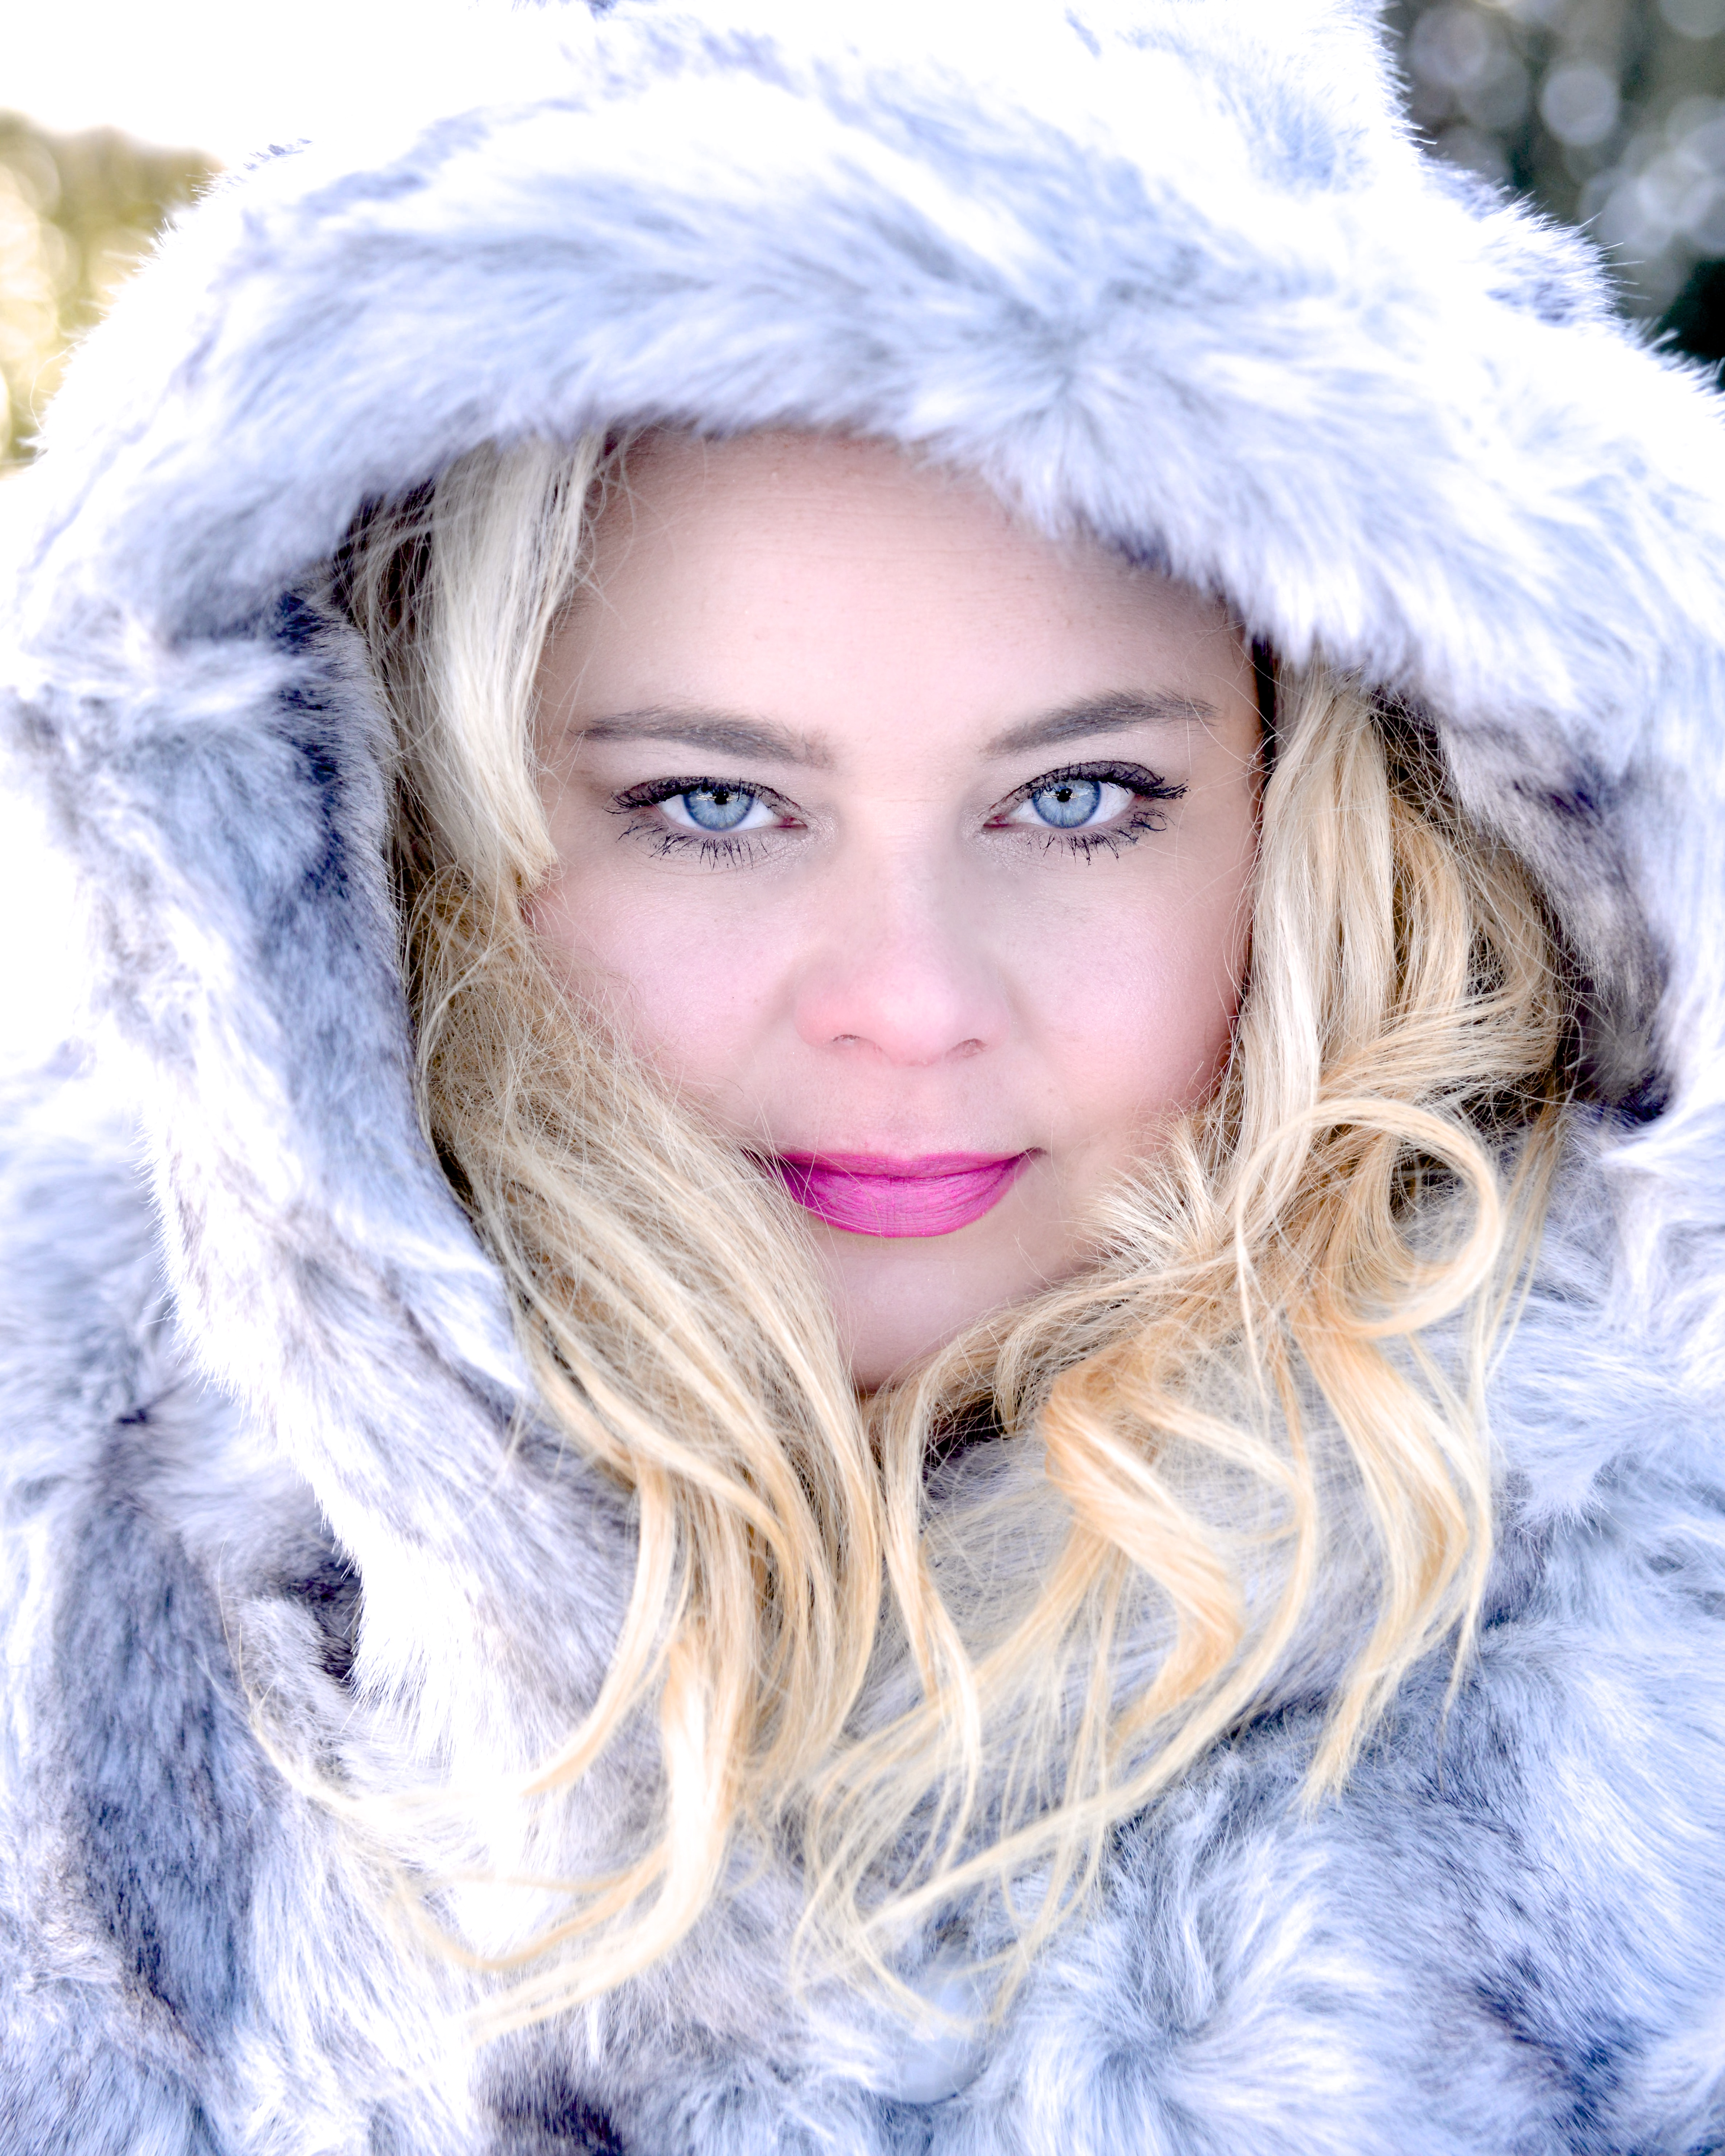 ca6a2c1eb7869 Faux Fur Coat by ROAMAN s via FULL BEAUTY